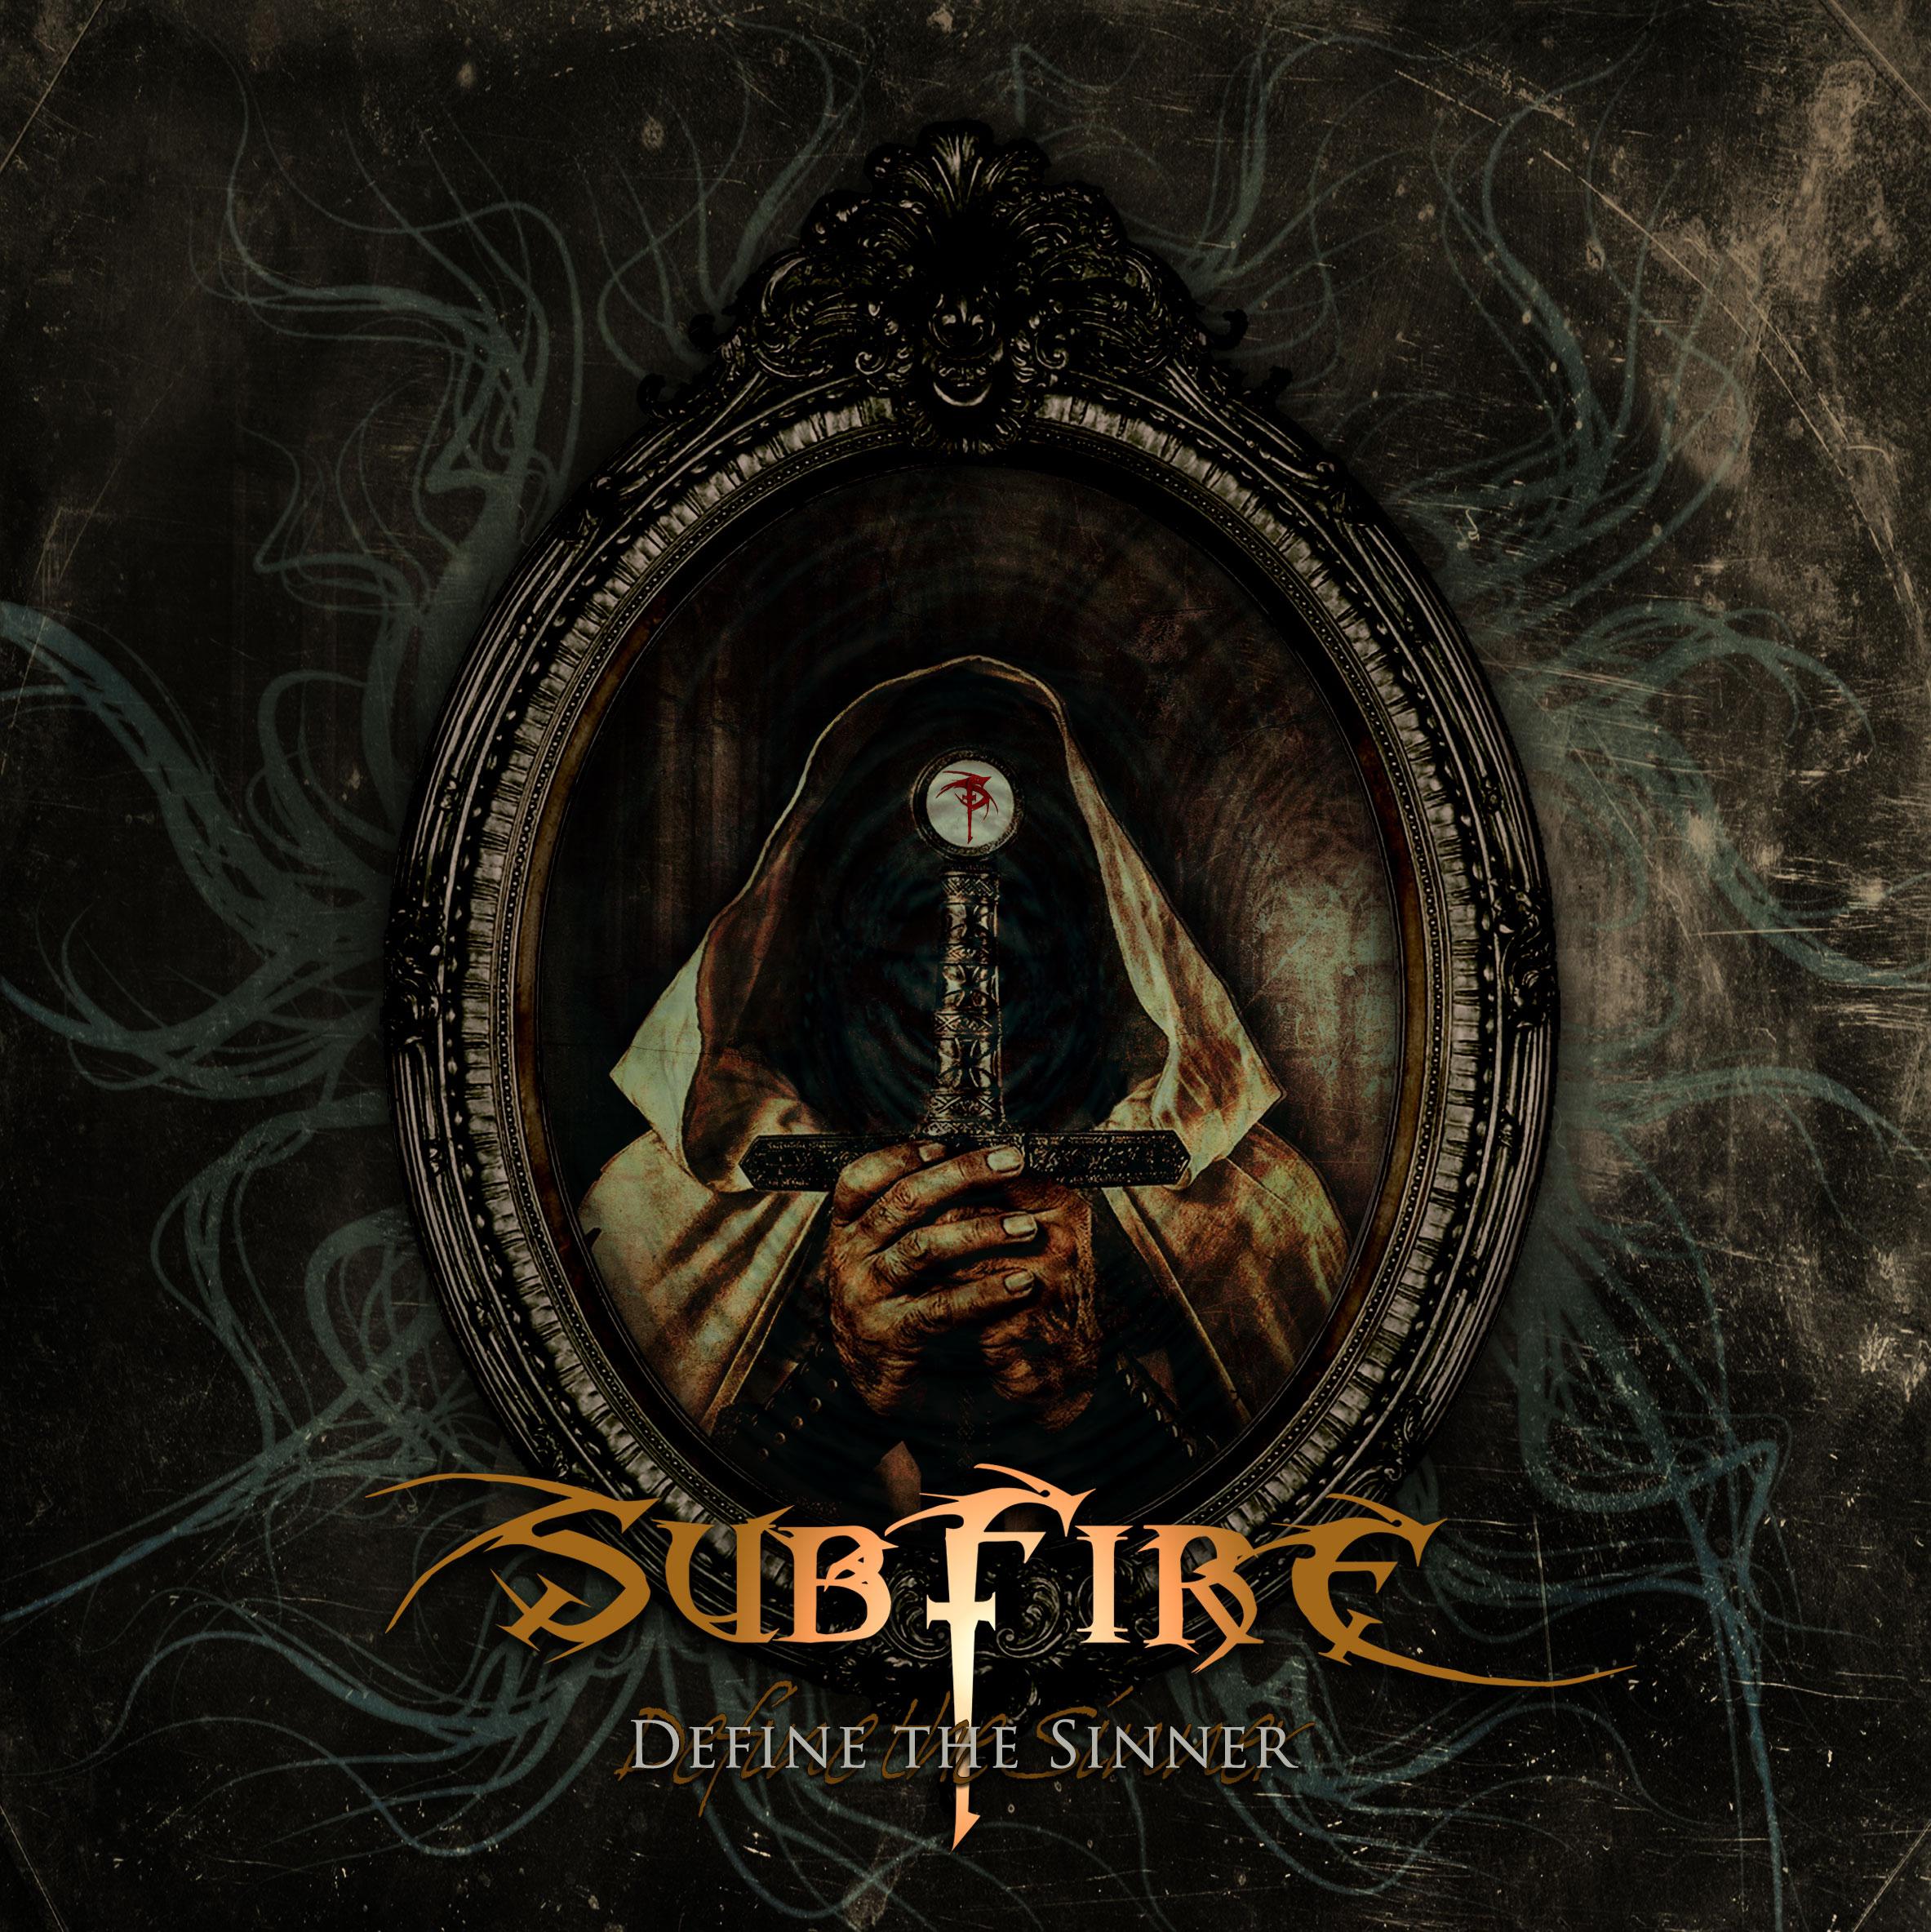 Subfire define sinner 2021